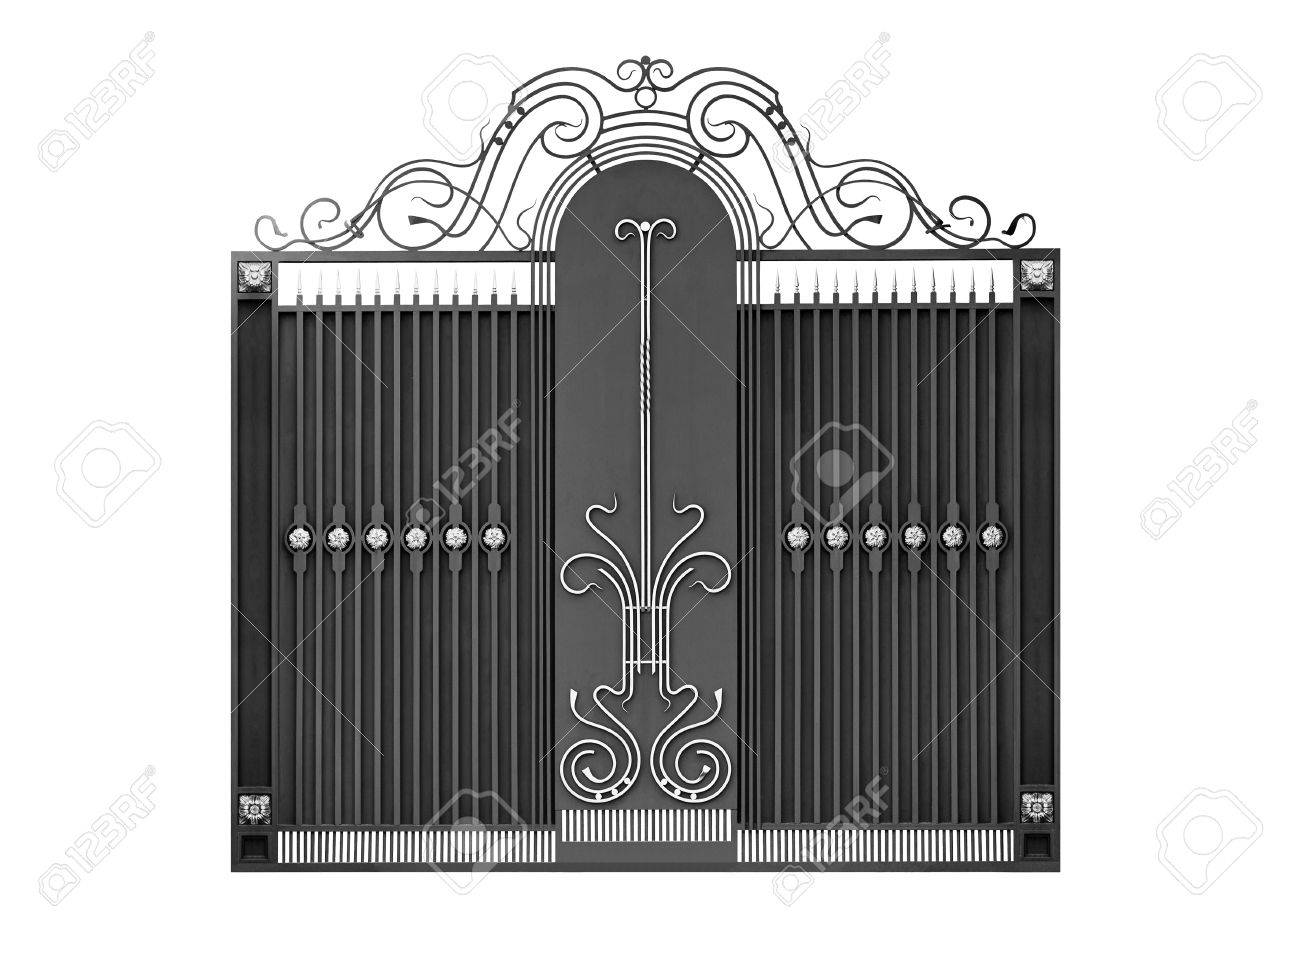 Modern iron decorative gates  Isolated over white background